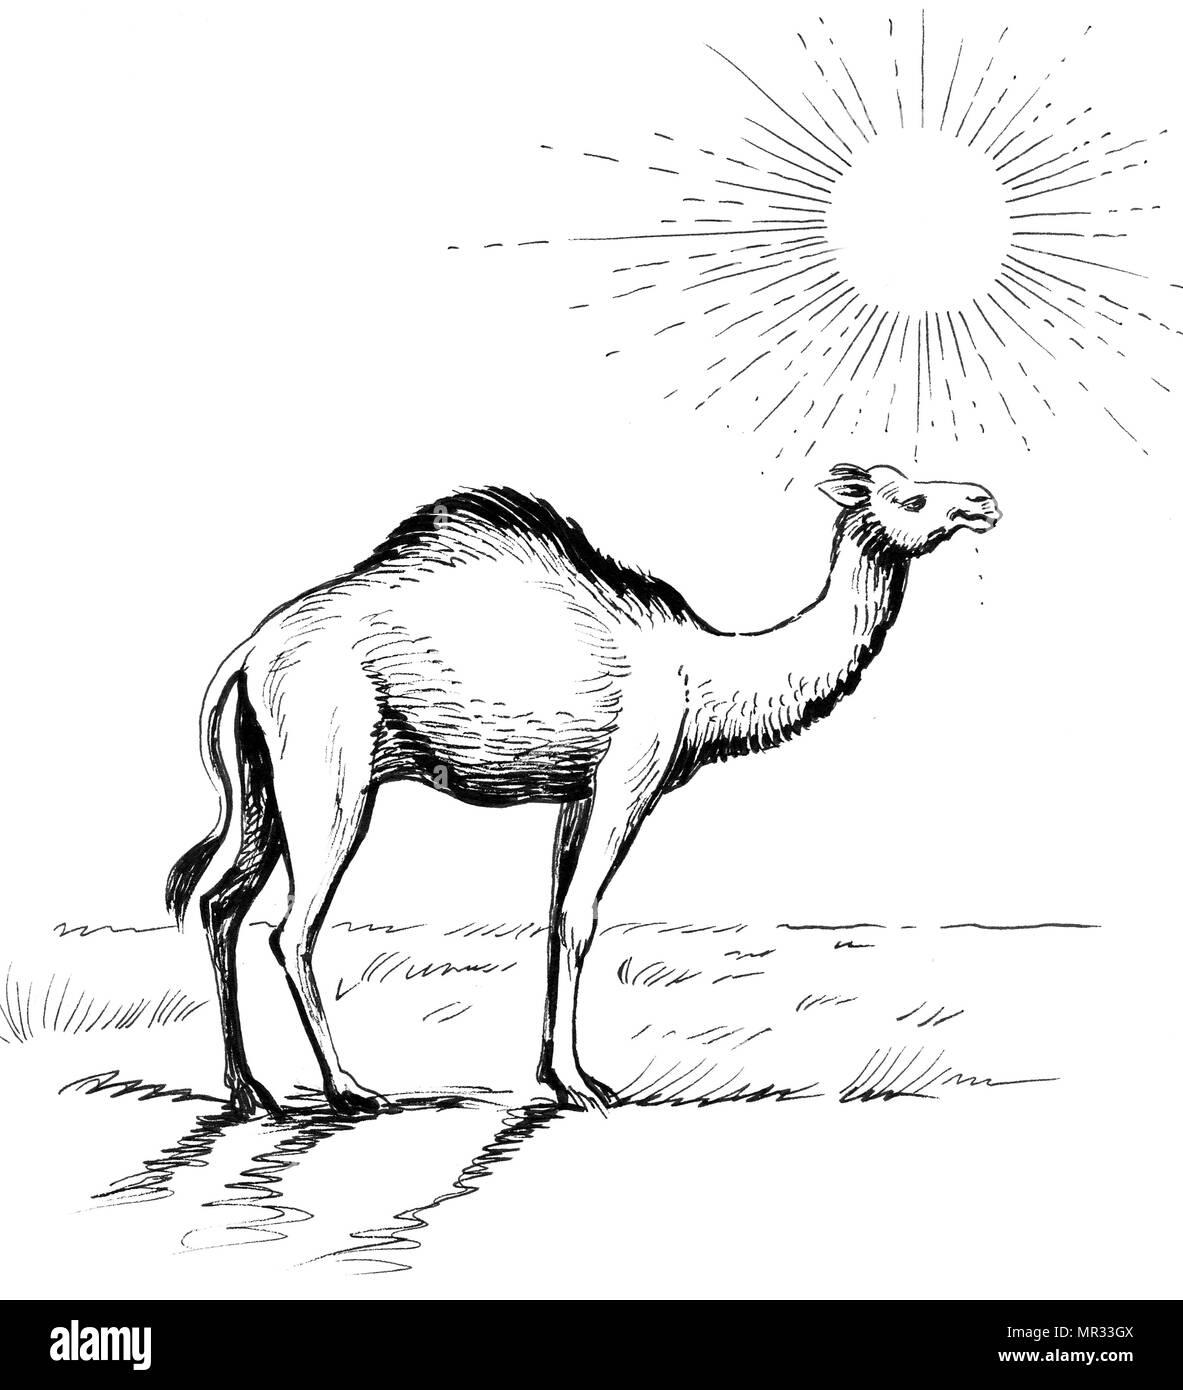 Camel in the desert  Ink black and white illustration Stock